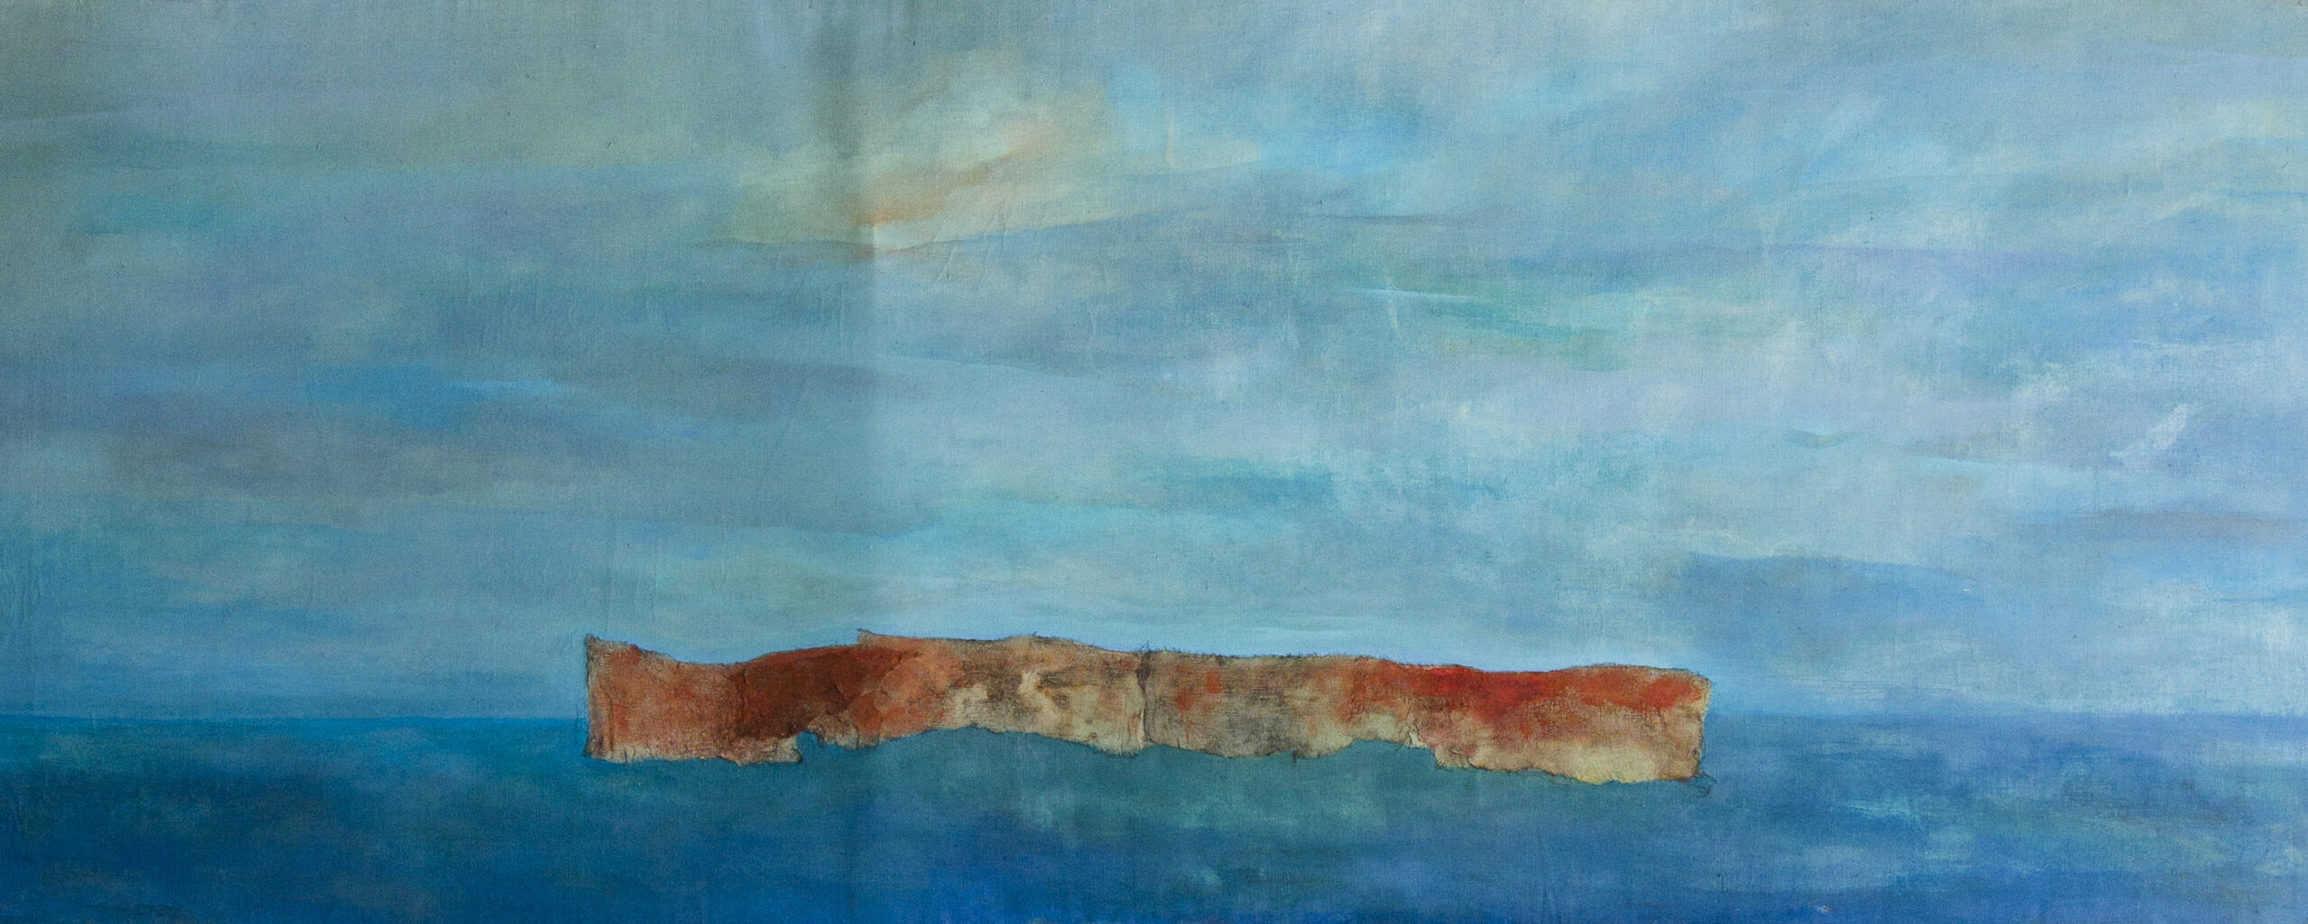 Isola Rossa Image